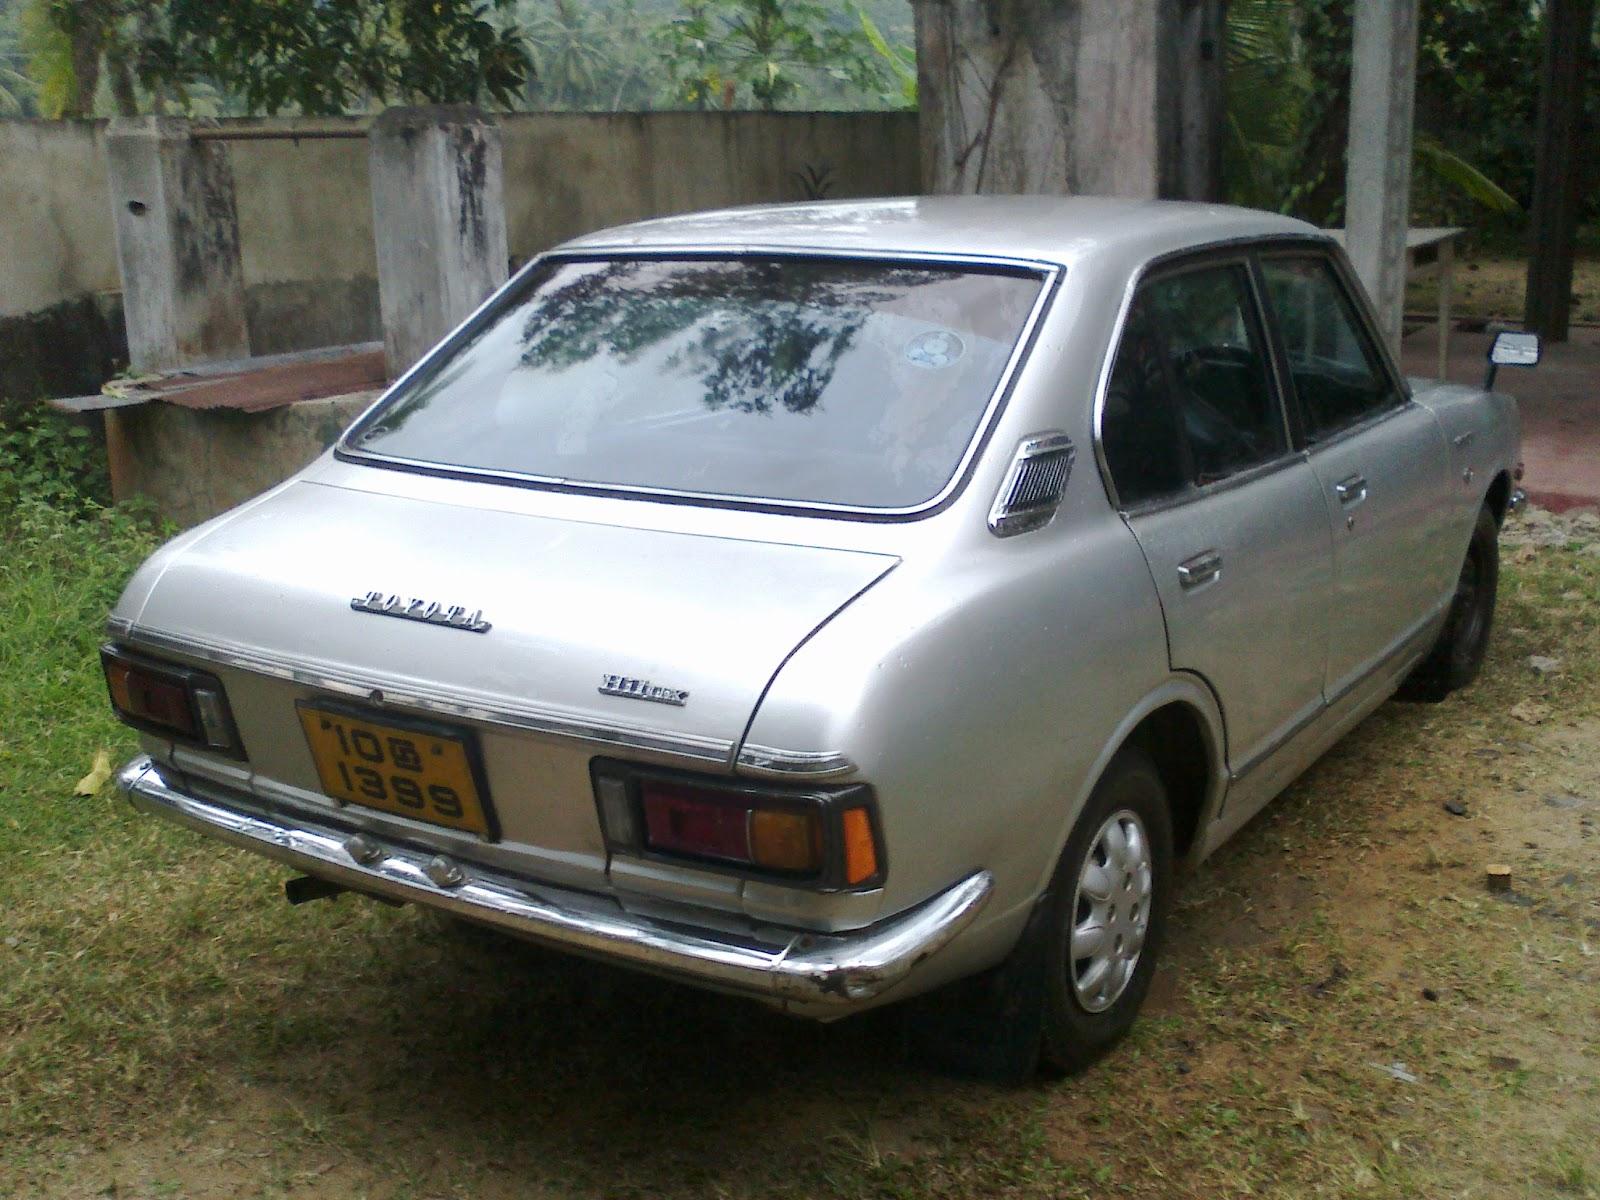 Kelebihan Kekurangan Toyota Corolla Ke20 Tangguh